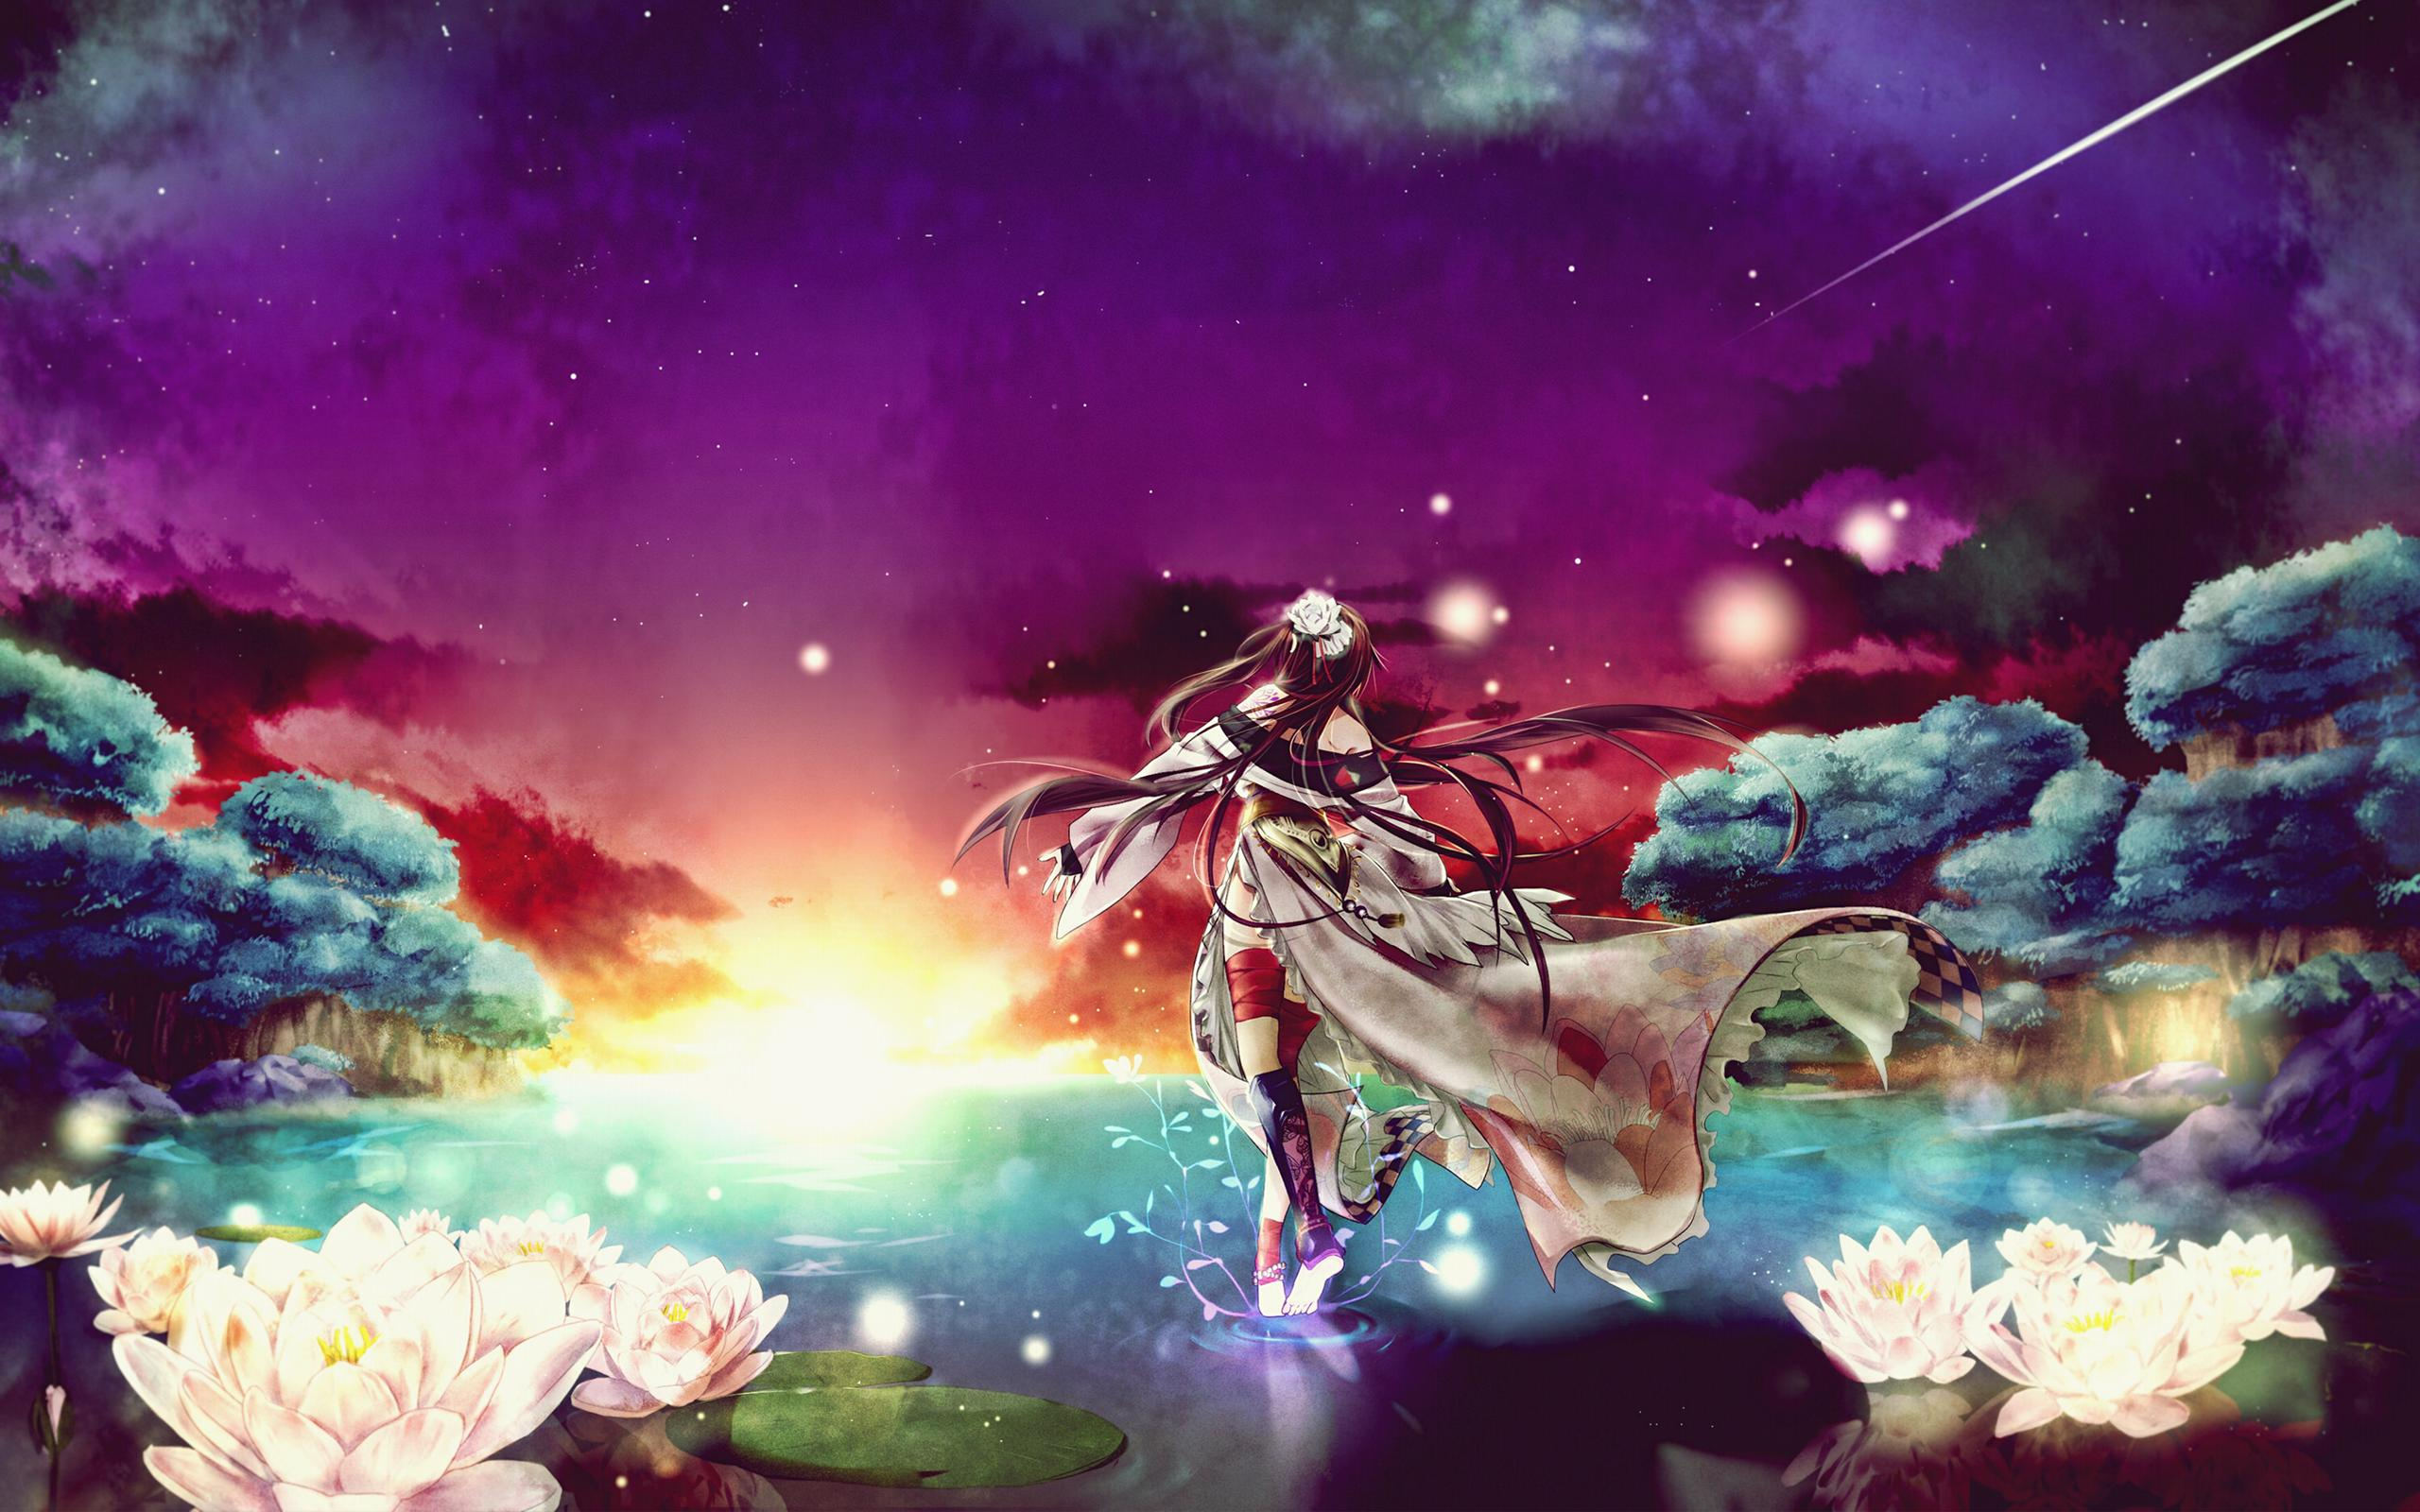 Anime Original 2560x1600